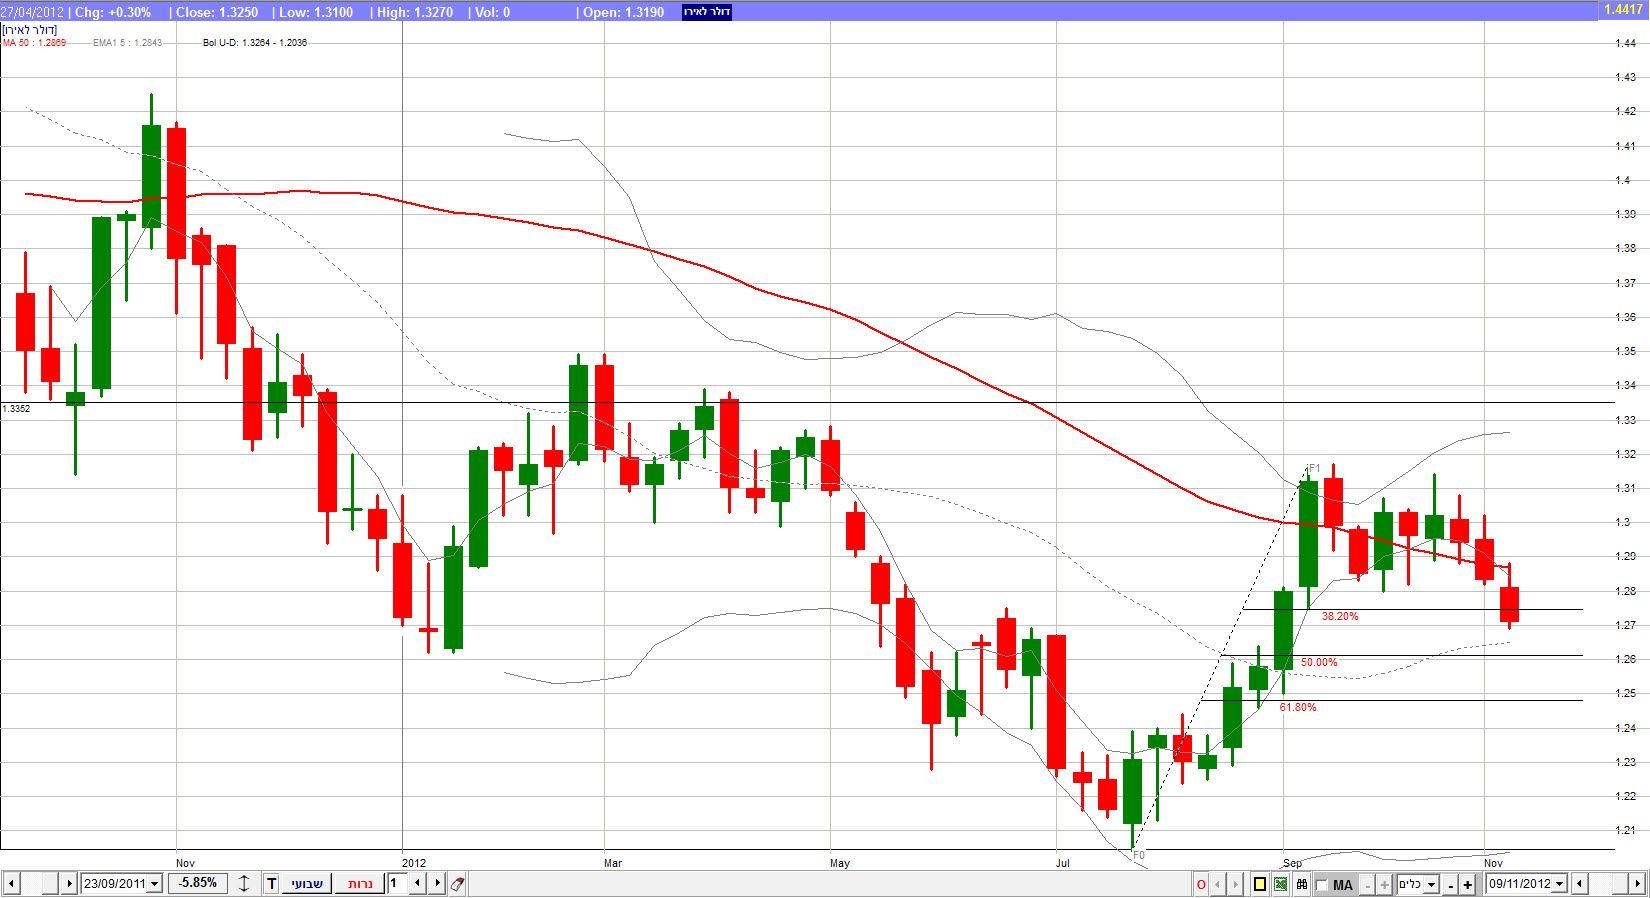 אירו / דולר - גרף שבועי